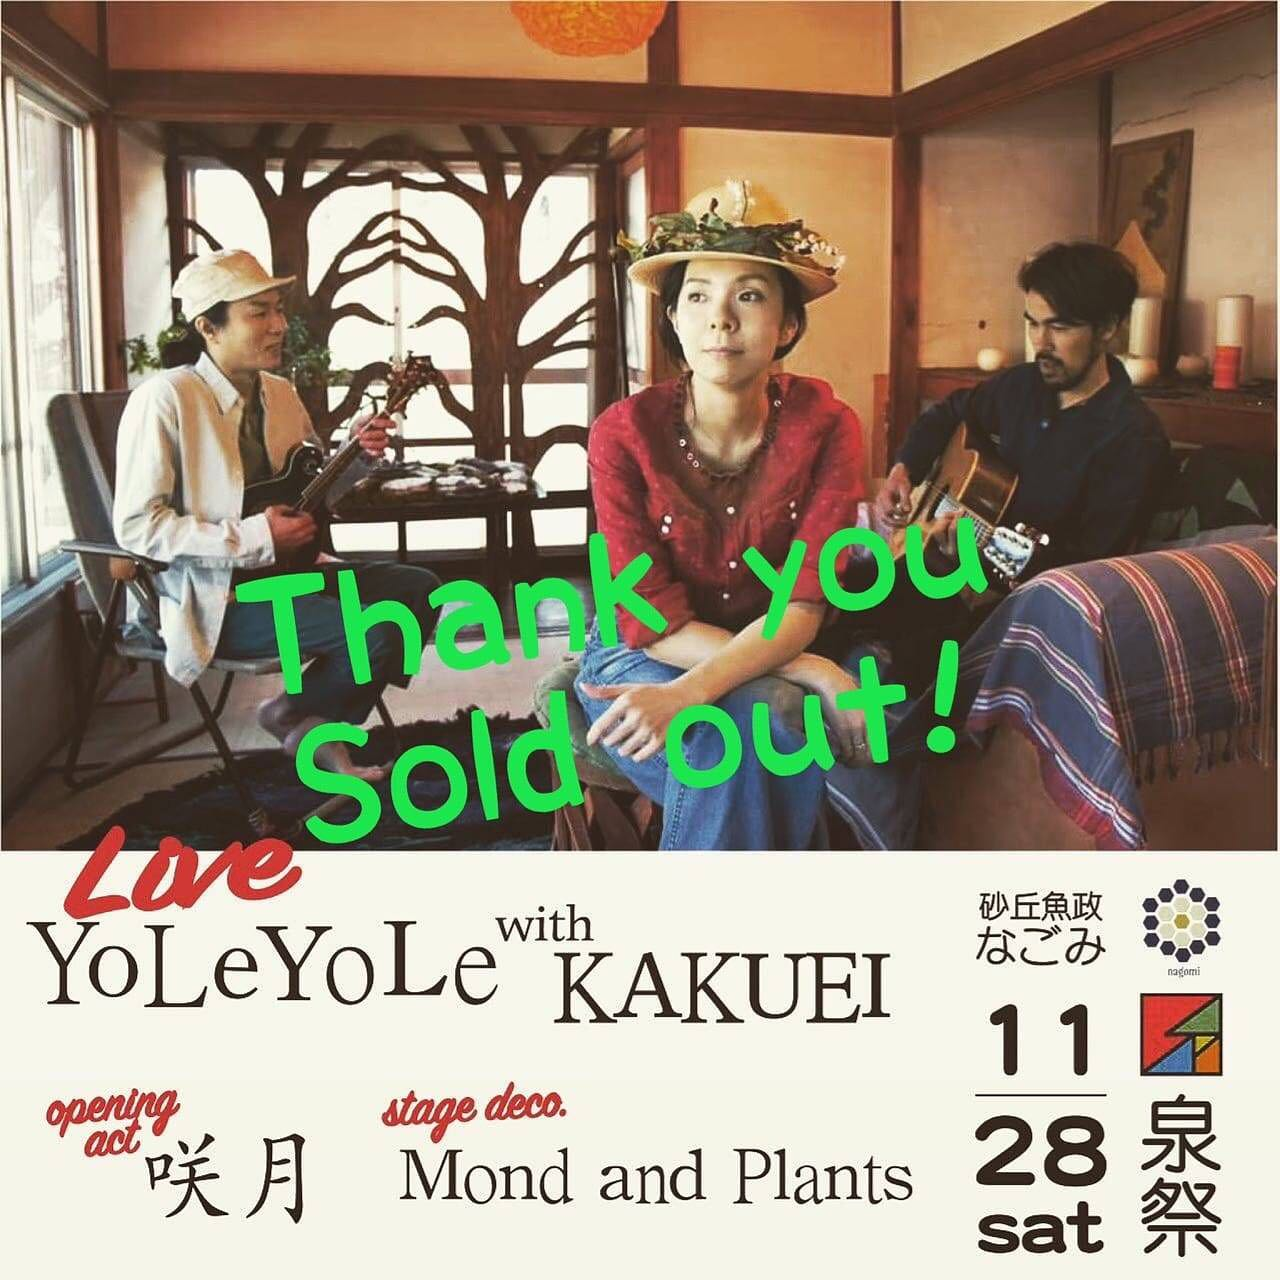 yole yoleのLive、定員に達したので、受付締め切らせていただきます。ありがとうございます.2020年11月28日(土)..sloWPorch&なごみ presents.『泉祭』.なごみでYoLeYoLe〜@nagomi_hamaokasakyu .Open 18:30 Start 19:00..Charge ¥3,000.50人限定 ※要予約.(中学生以下無料)..-Live-.YoLeYoLe..-Opening act-.咲月..※コロナウイルス感染防止の為マスク着用でご来場をお願いします。当日受付にて検温をさせて頂きます。体調の悪い方の入場はご遠慮いただいます。ご了承ください。.-企画・主催-.なごみ.sloWPorch...-予約・問い合わせ-.【砂丘魚政なごみ】.静岡県御前崎市池新田9122-1.0537-85-2418..【sloWPorch.slowporchkikaku@gmail.com..https://slowporchkikaku.wixsite.com/home.#yoleyole #咲月 #浜岡砂丘 #浜岡砂丘なごみ #ライブ #御前崎市